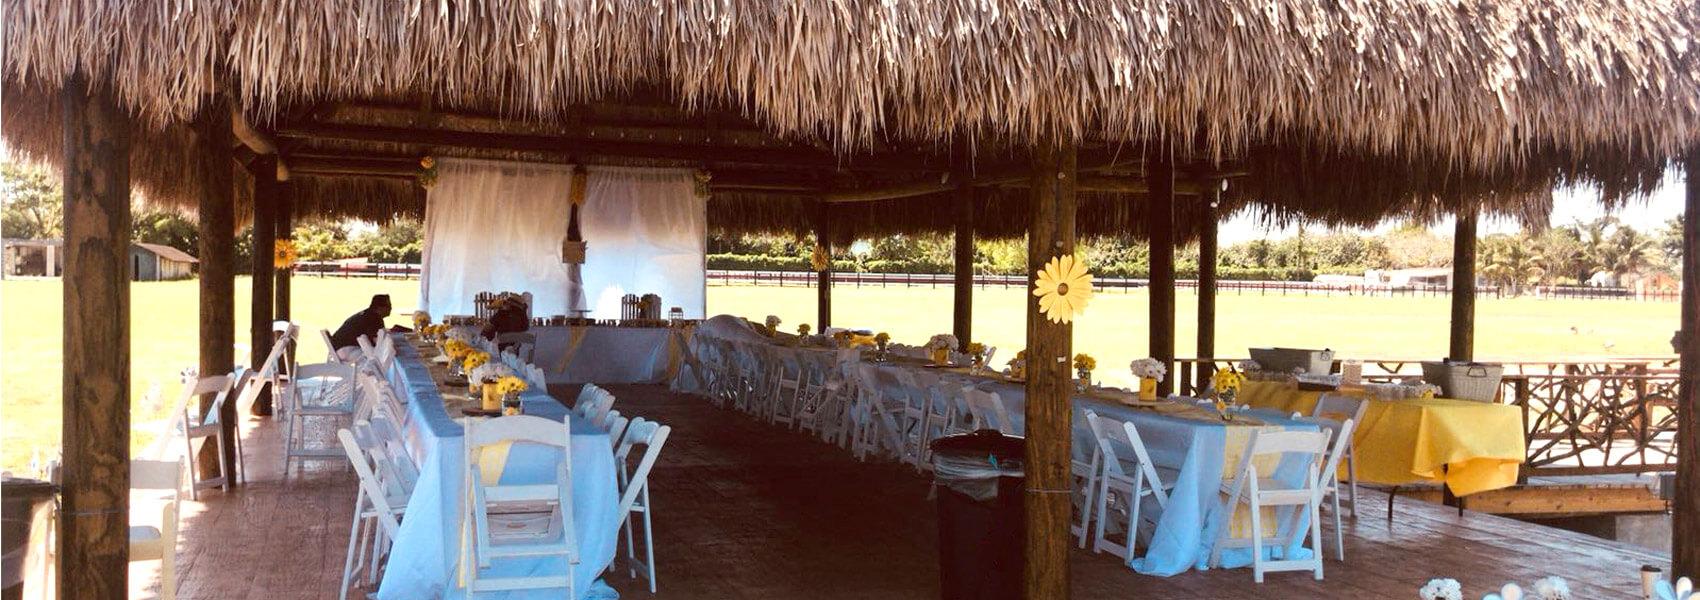 Outdoor Baby Shower Venue In Miami Coco Paradise